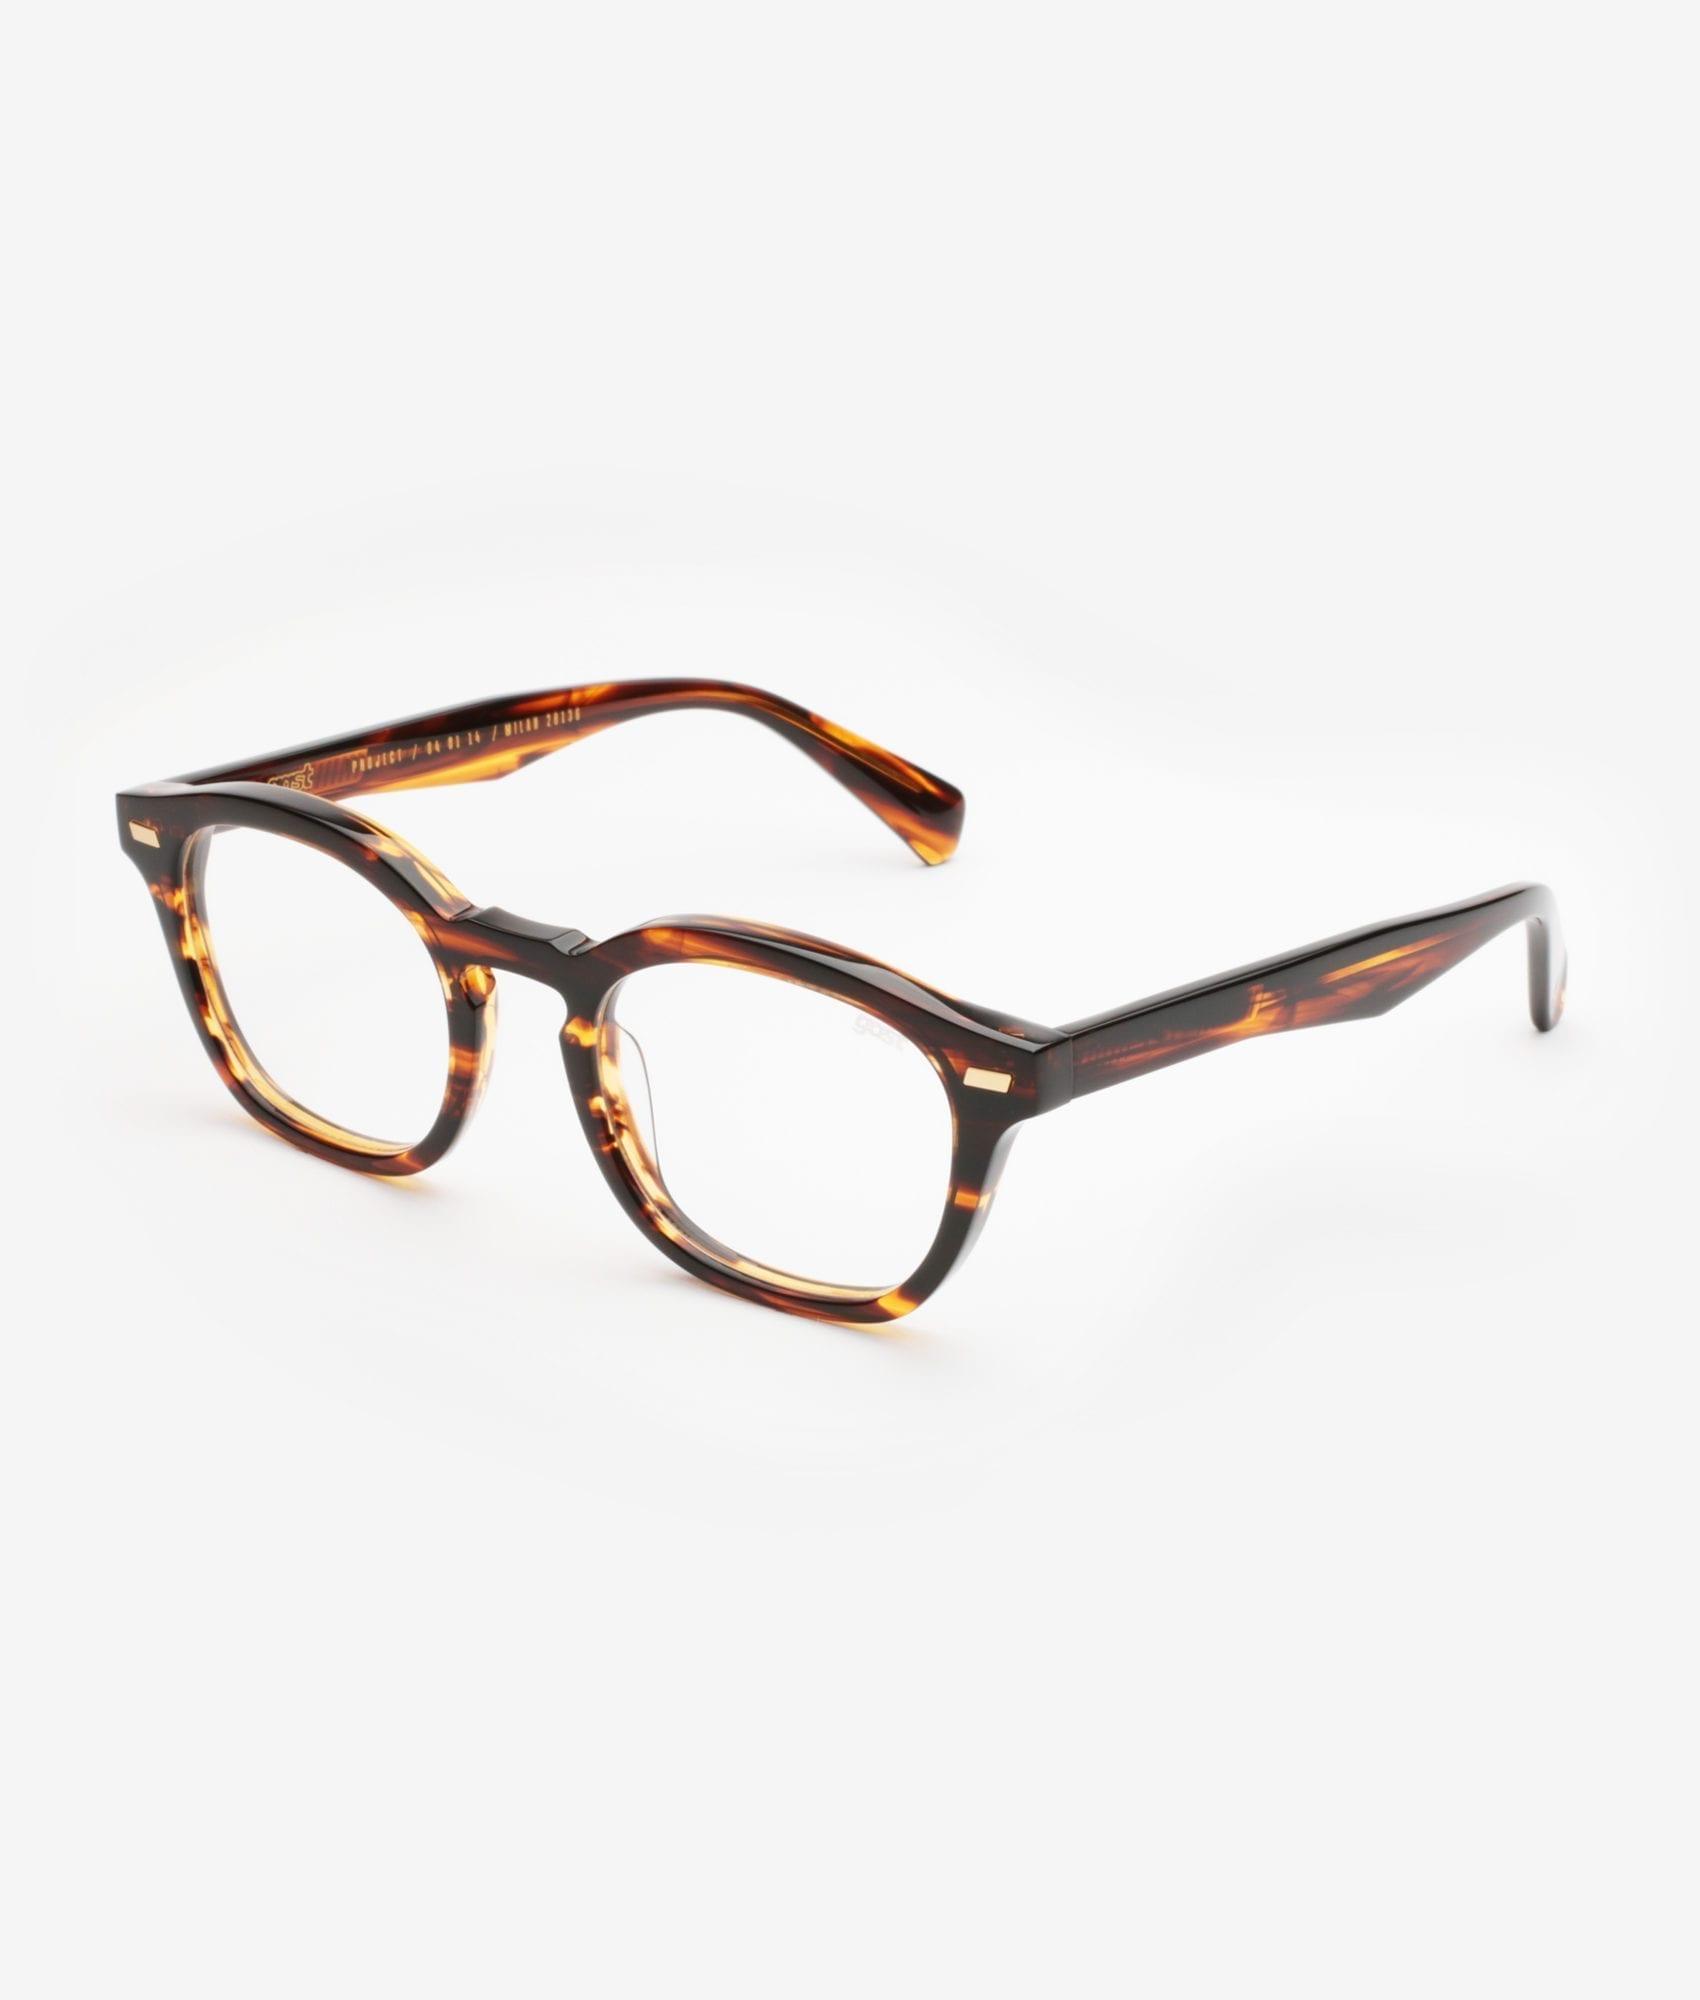 Lus duna Gast eyewear